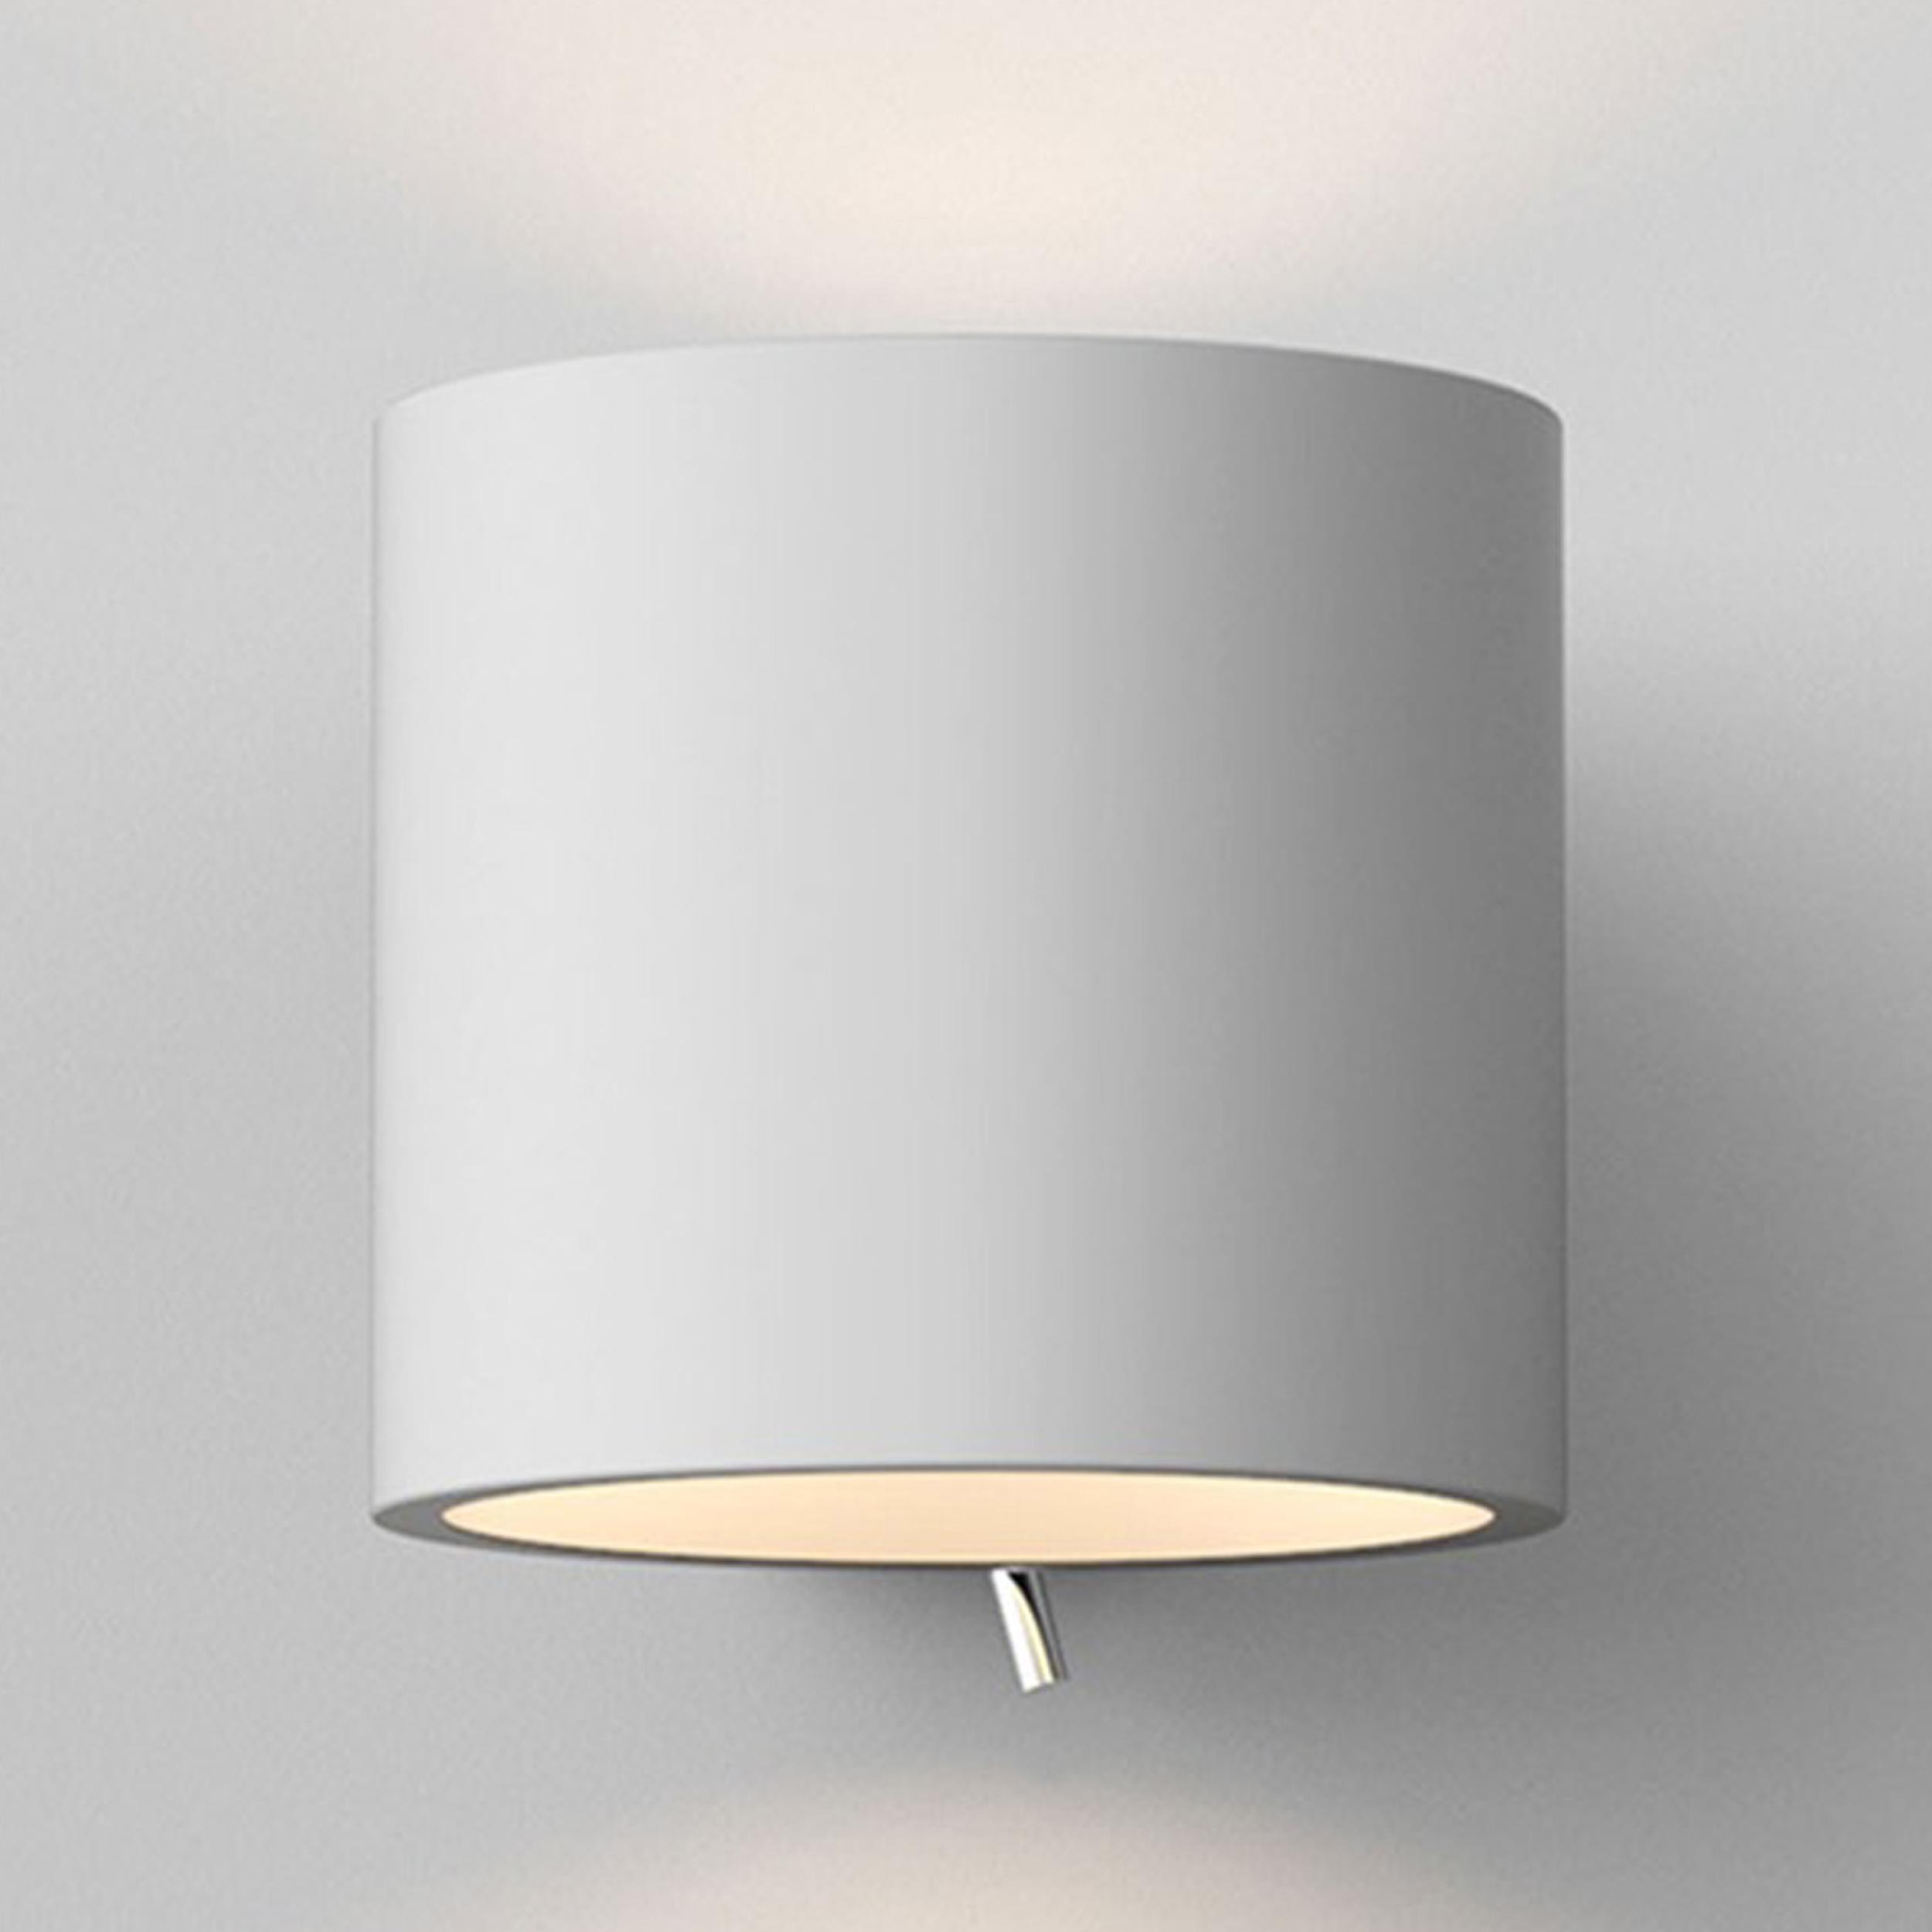 Astro Brenta 175 Wall Light White Plaster D